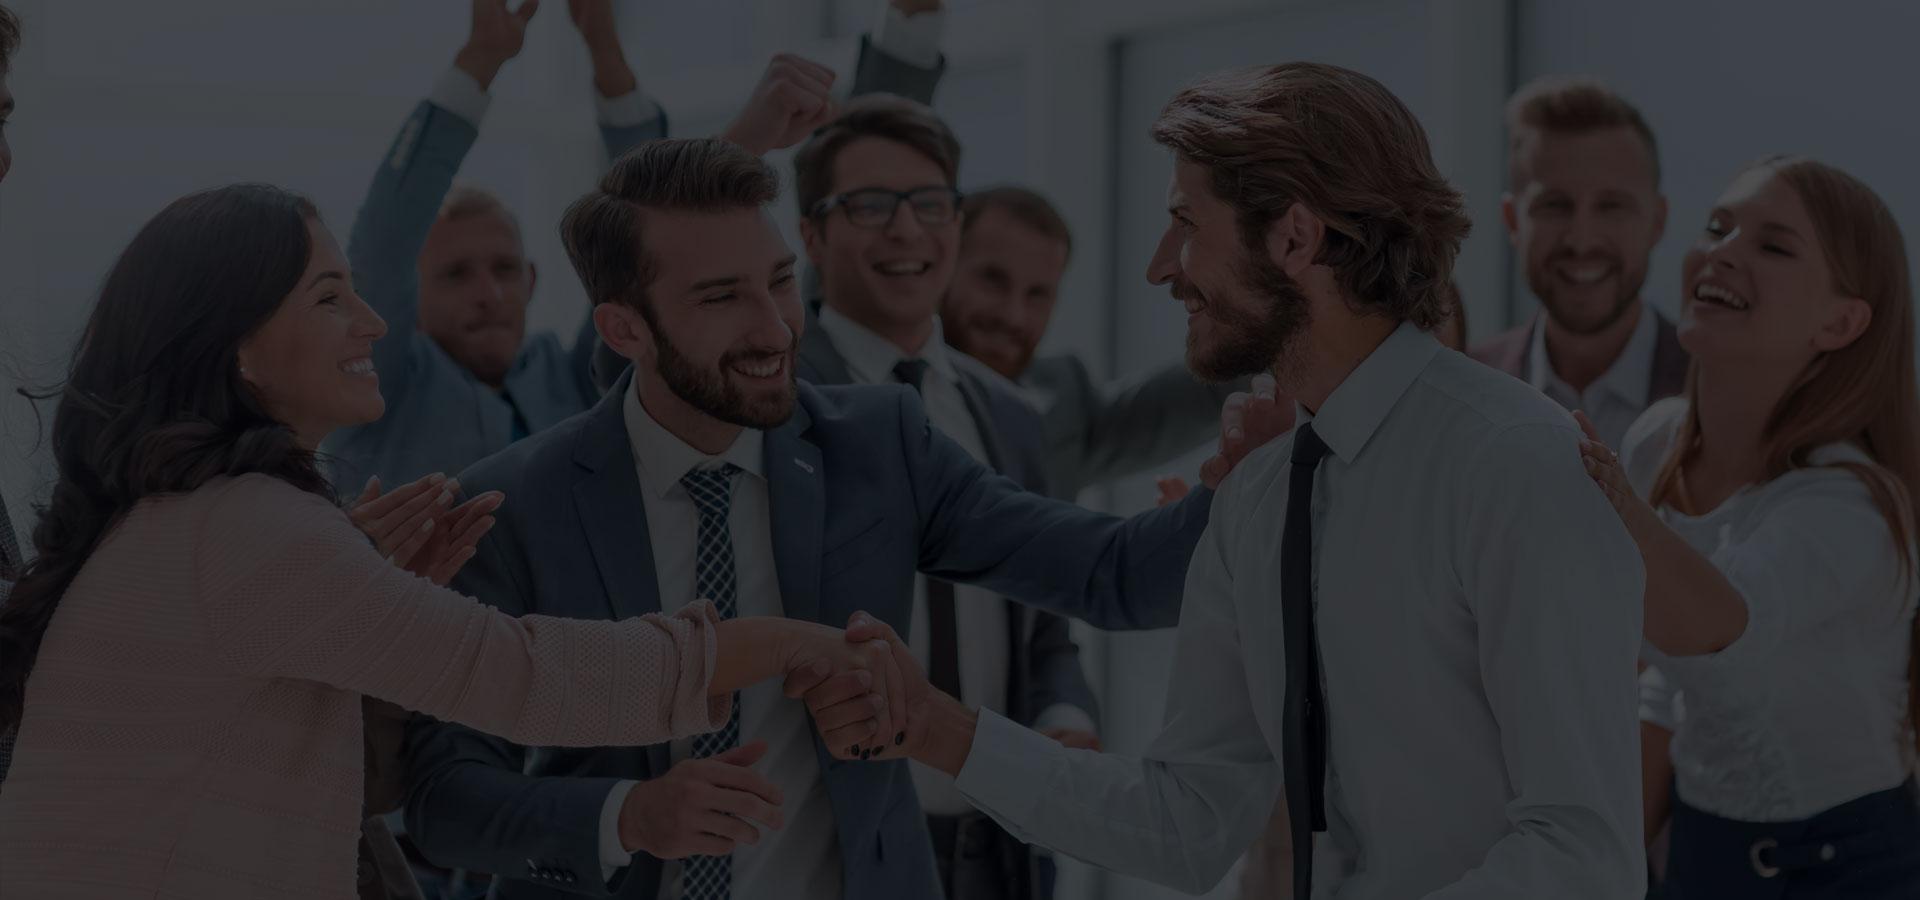 Quelques conseils pratiques pour réussir dans les affaires